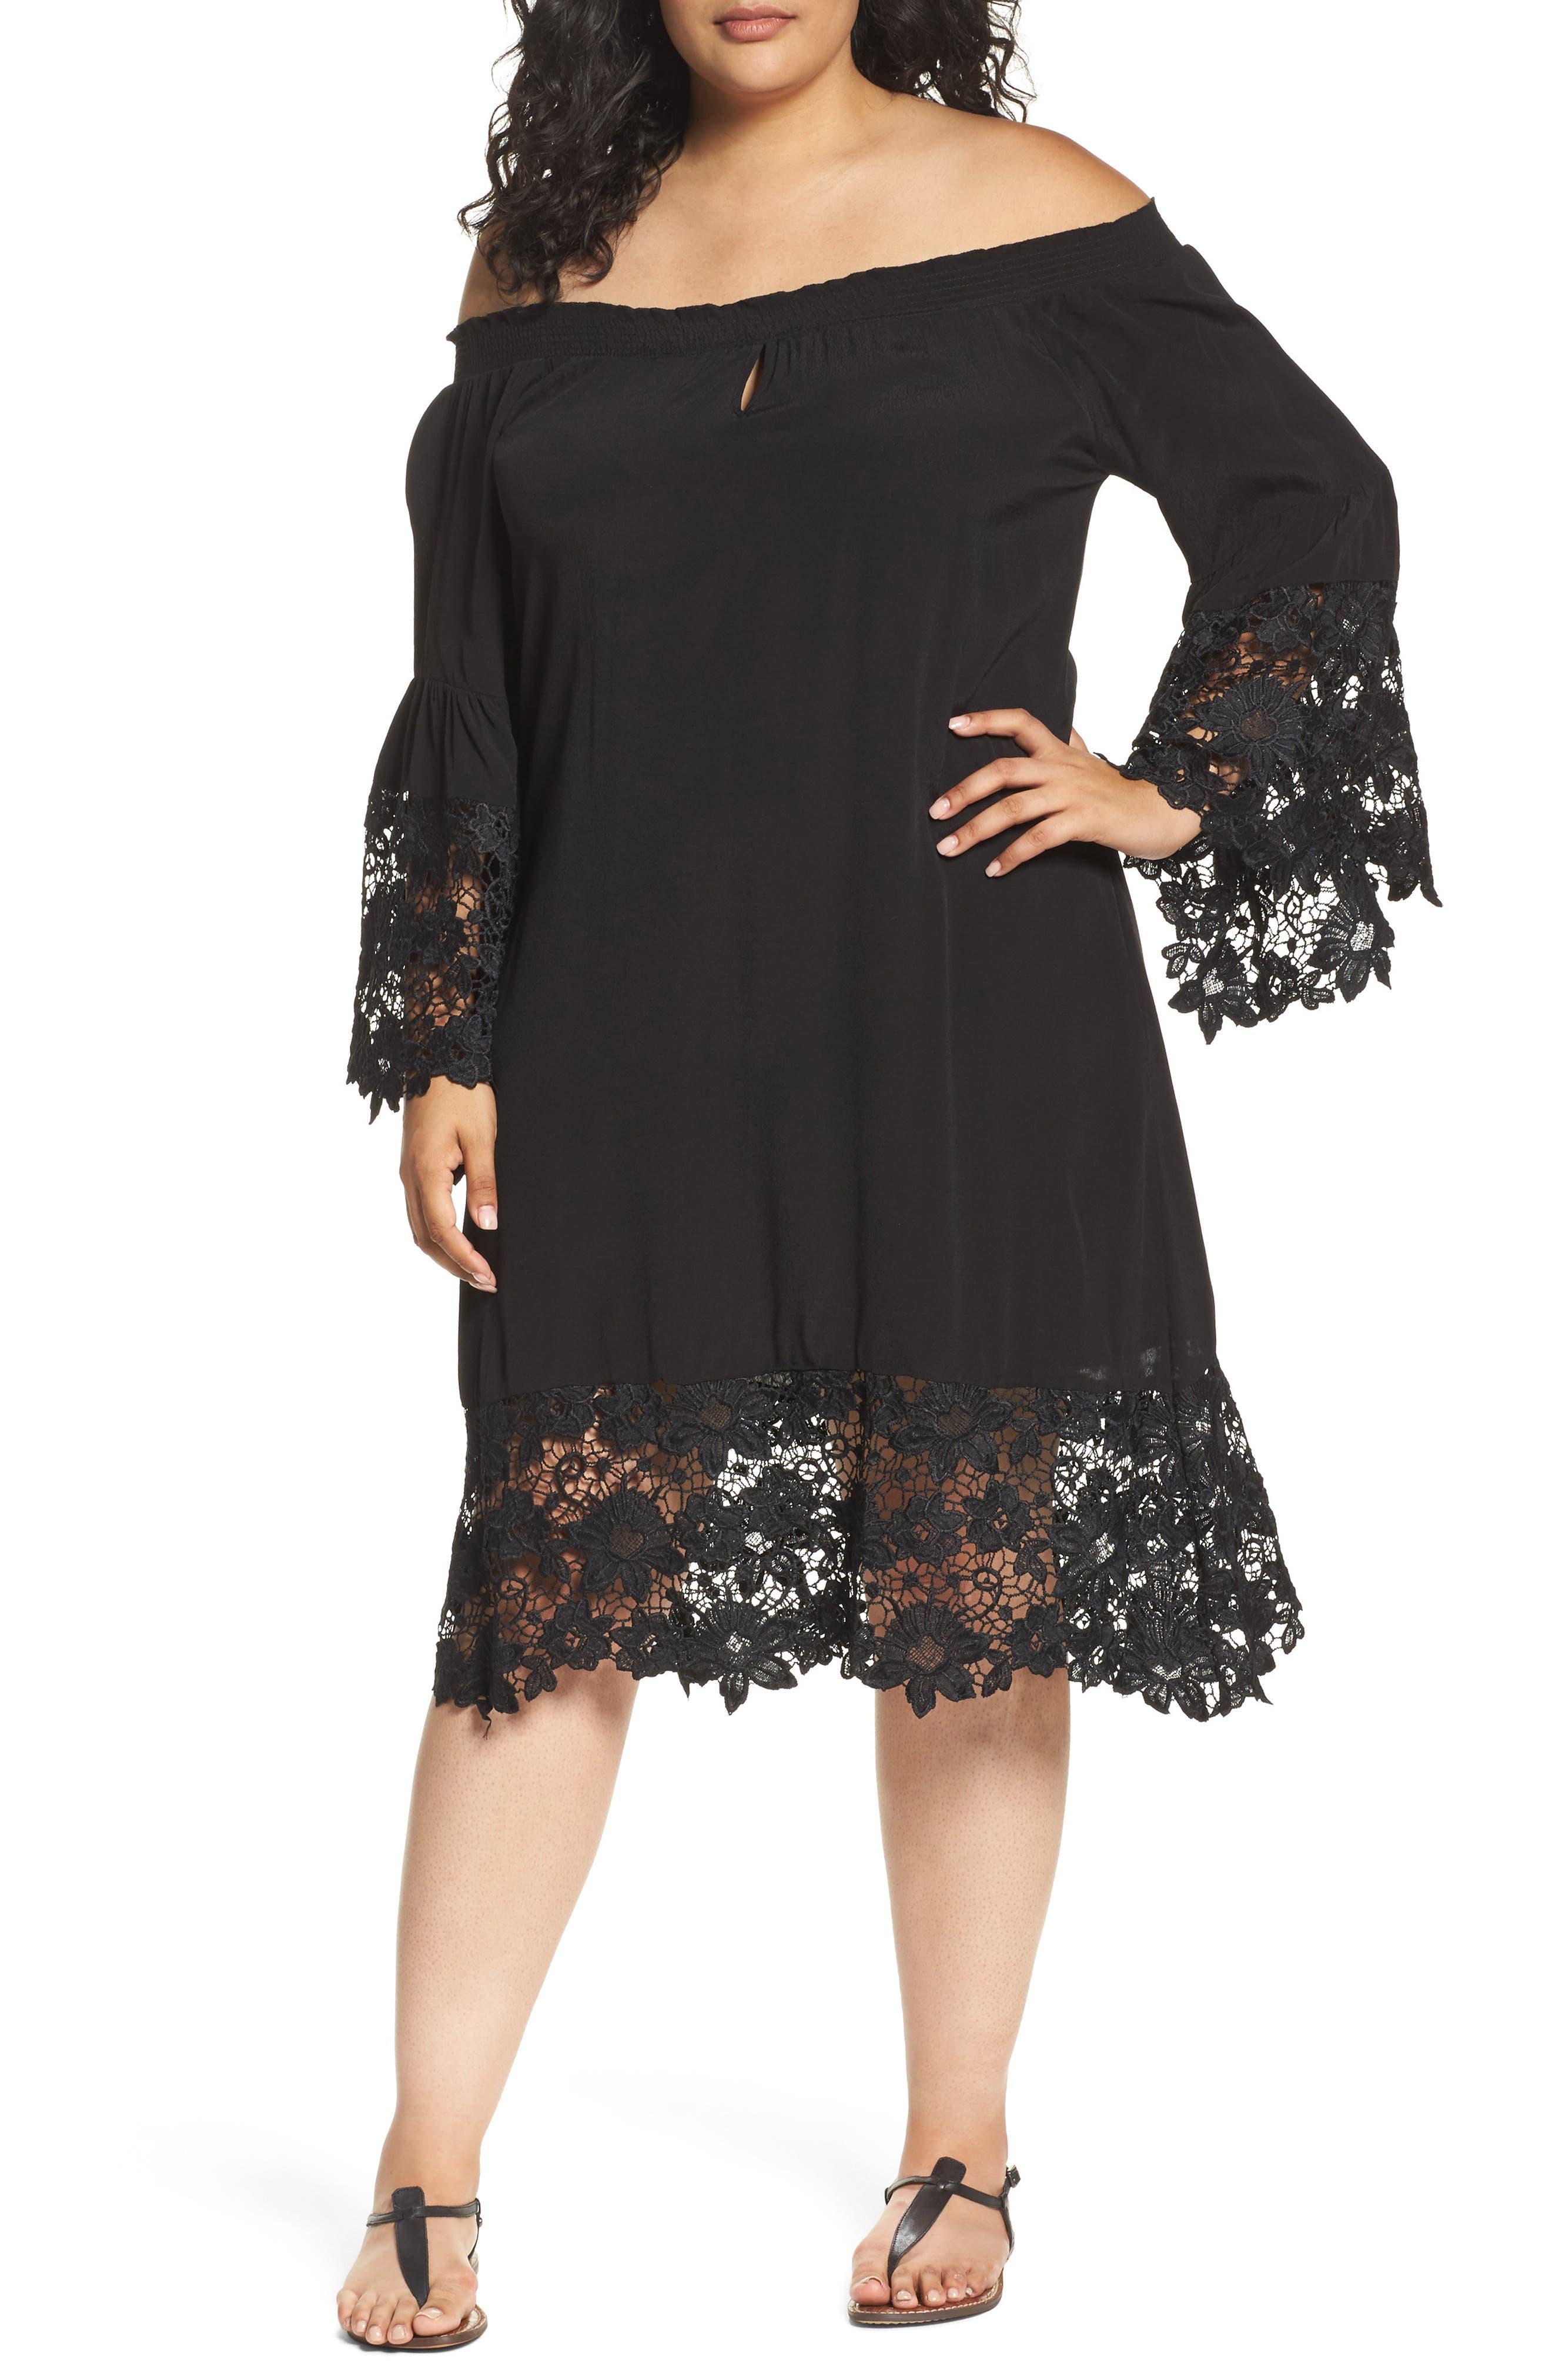 Main Image - Muche et Muchette Jolie Lace Accent Cover-Up Dress (Plus-Size)